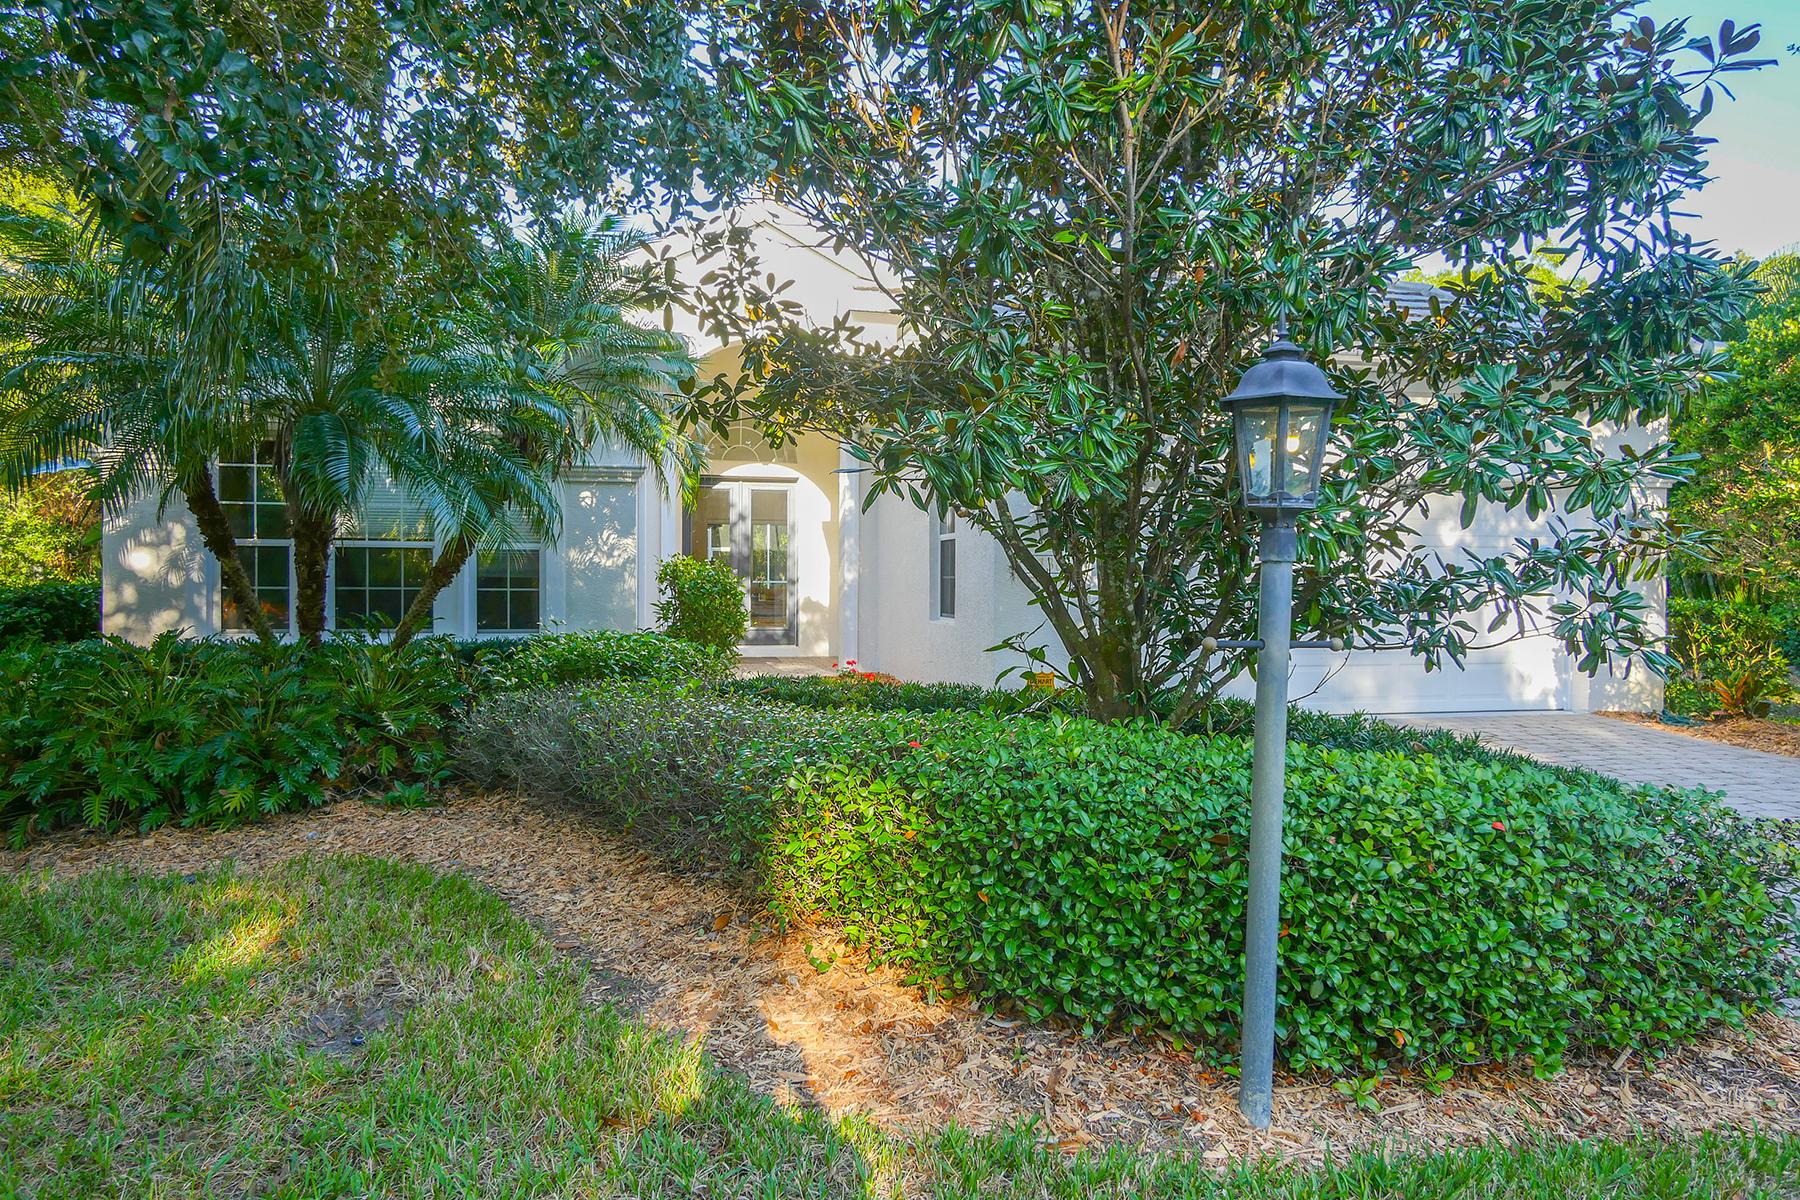 Nhà ở một gia đình vì Bán tại UNIVERSITY PARK COUNTRY CLUB 8138 Dukes Wood Ct University Park, Florida, 34201 Hoa Kỳ